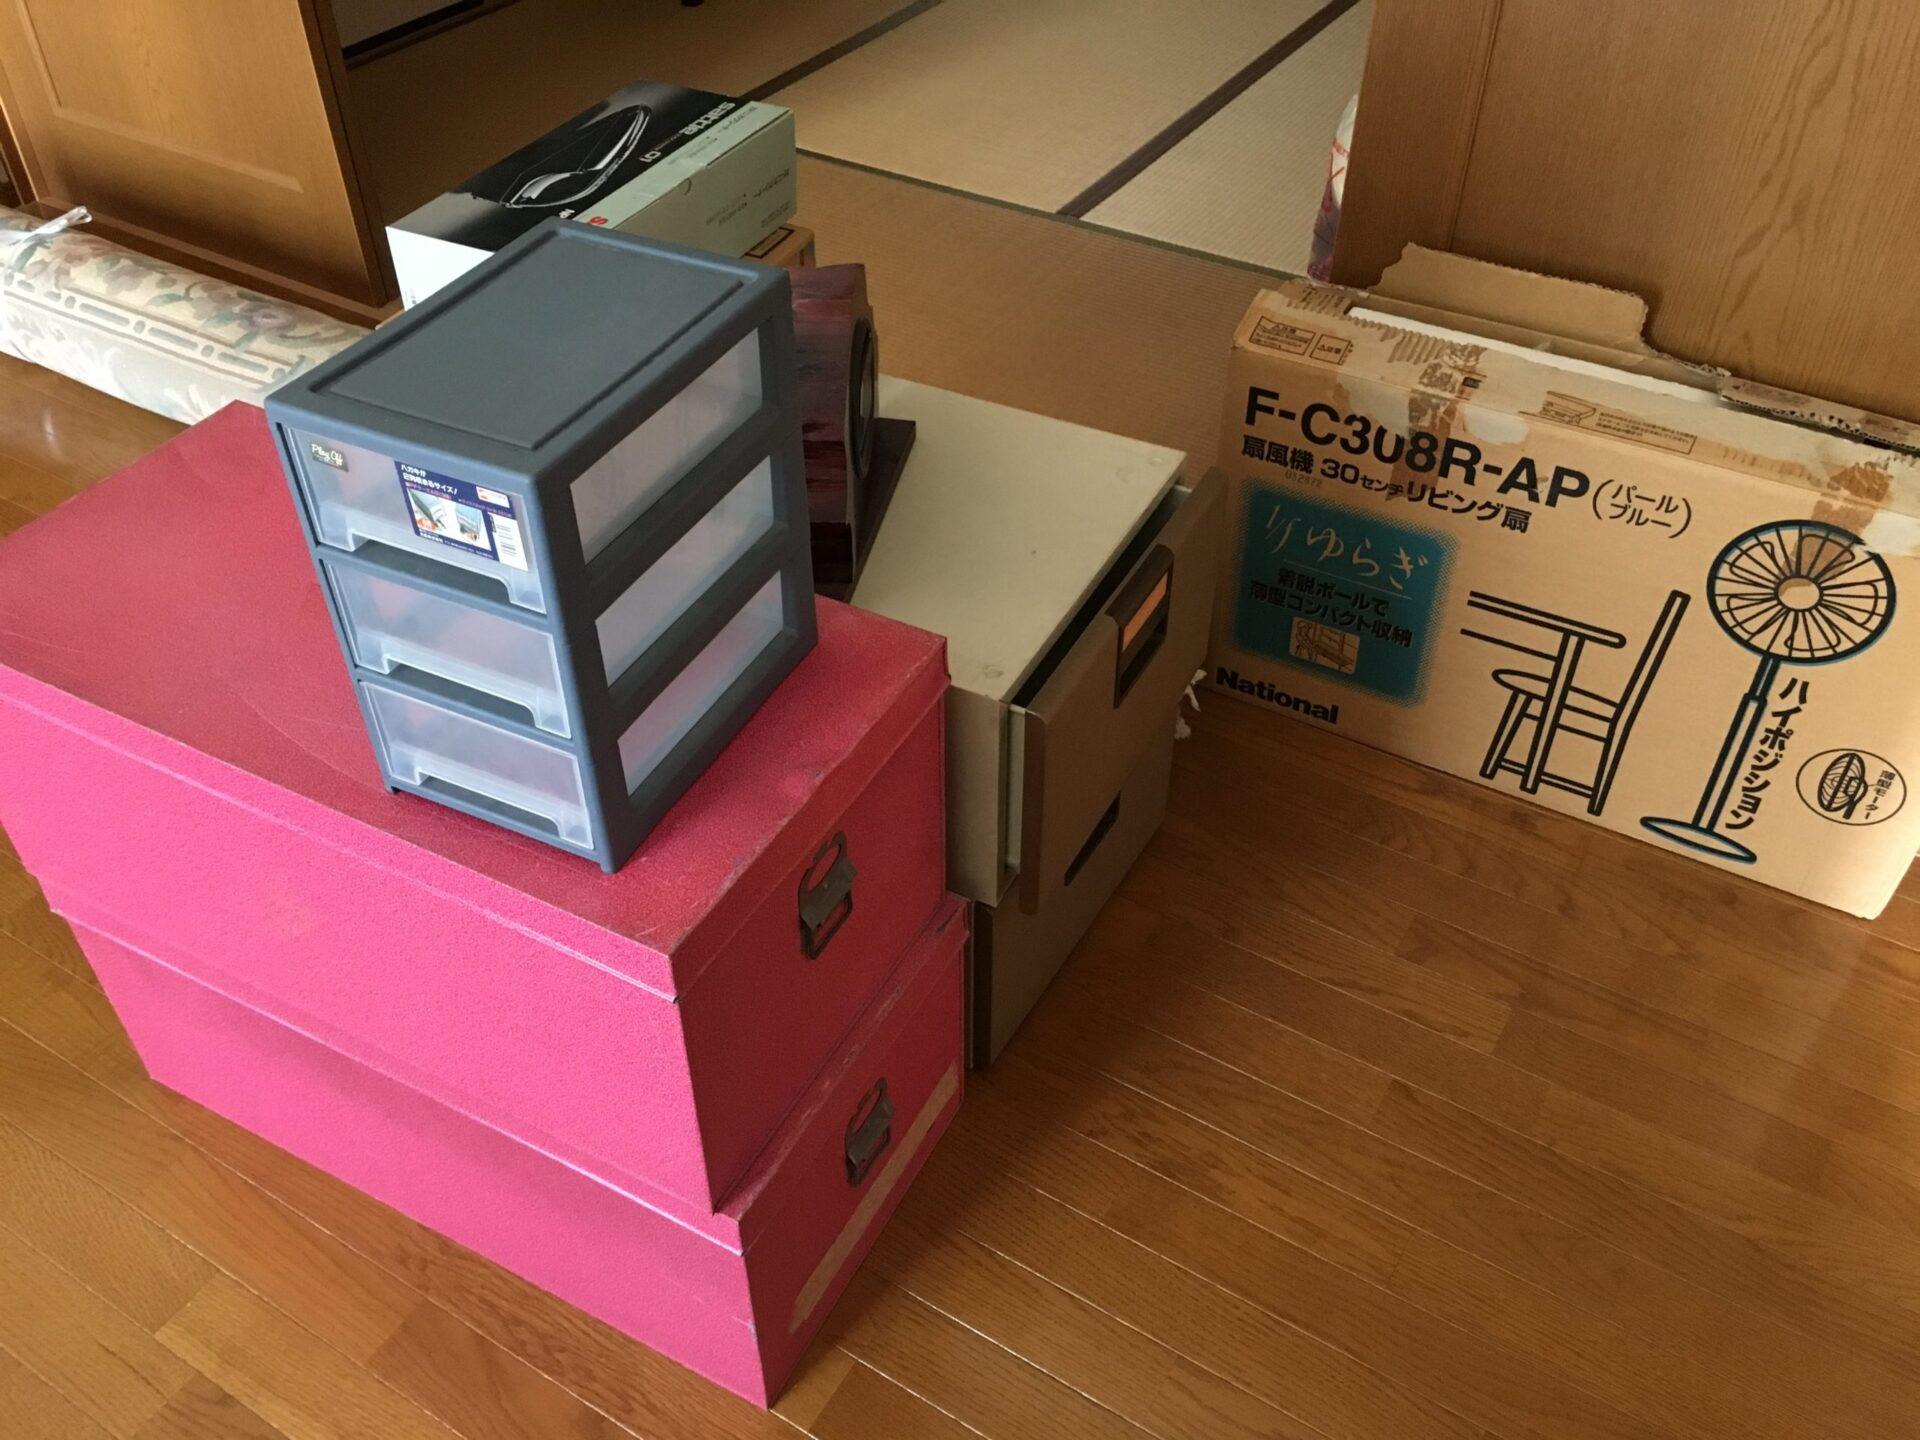 【愛知県名古屋市千種区】ブリキ製衣装ケースなどの処分